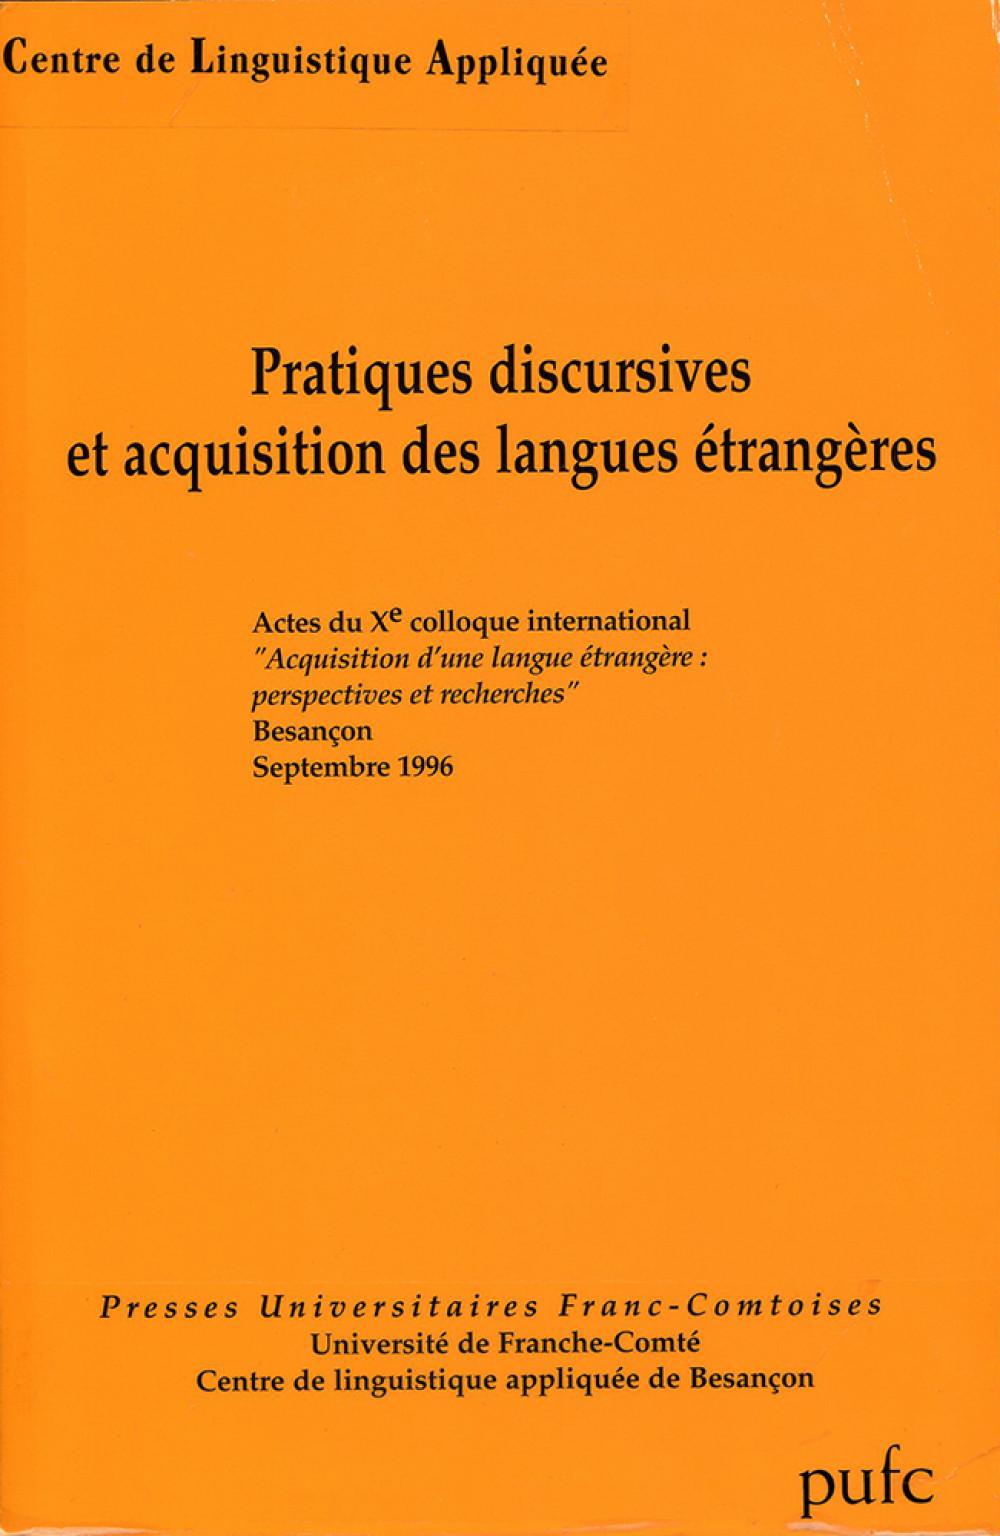 Pratiques discursives et acquisition des langues étrangères